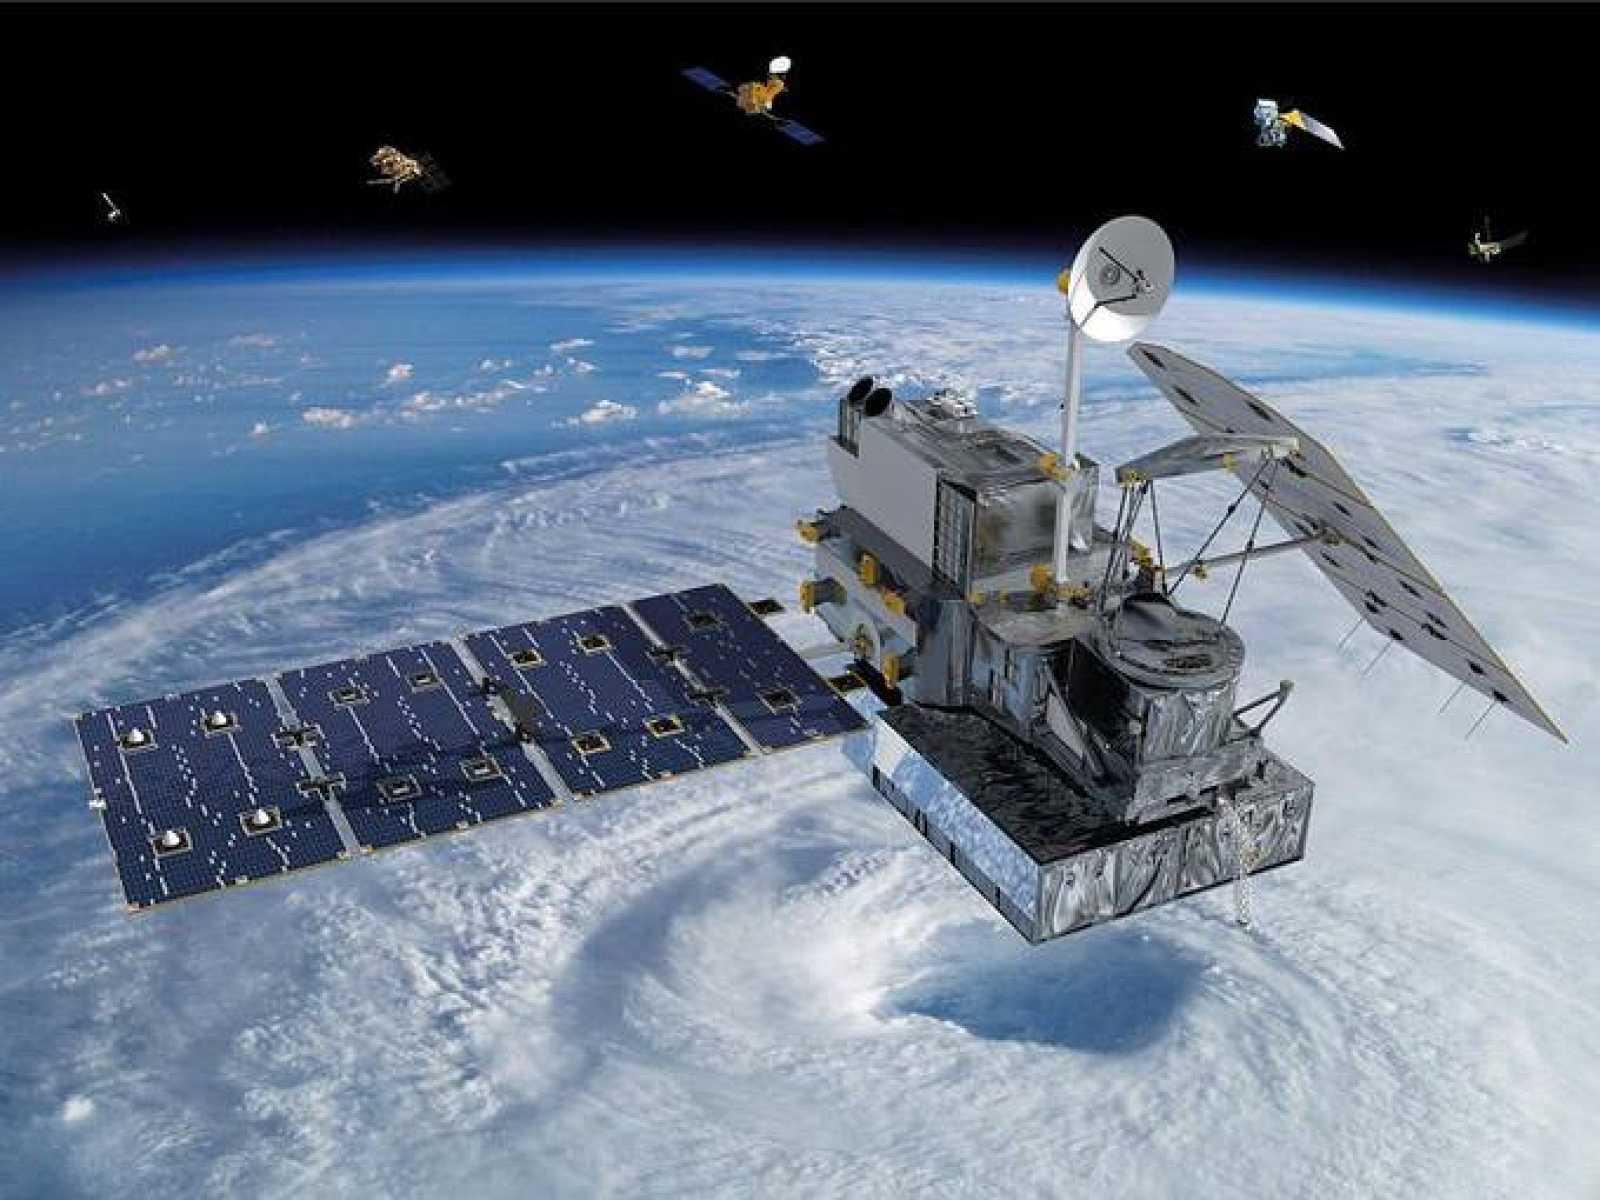 Impresión artística del GPM en órbita con otros satélites de la constelación al fondo